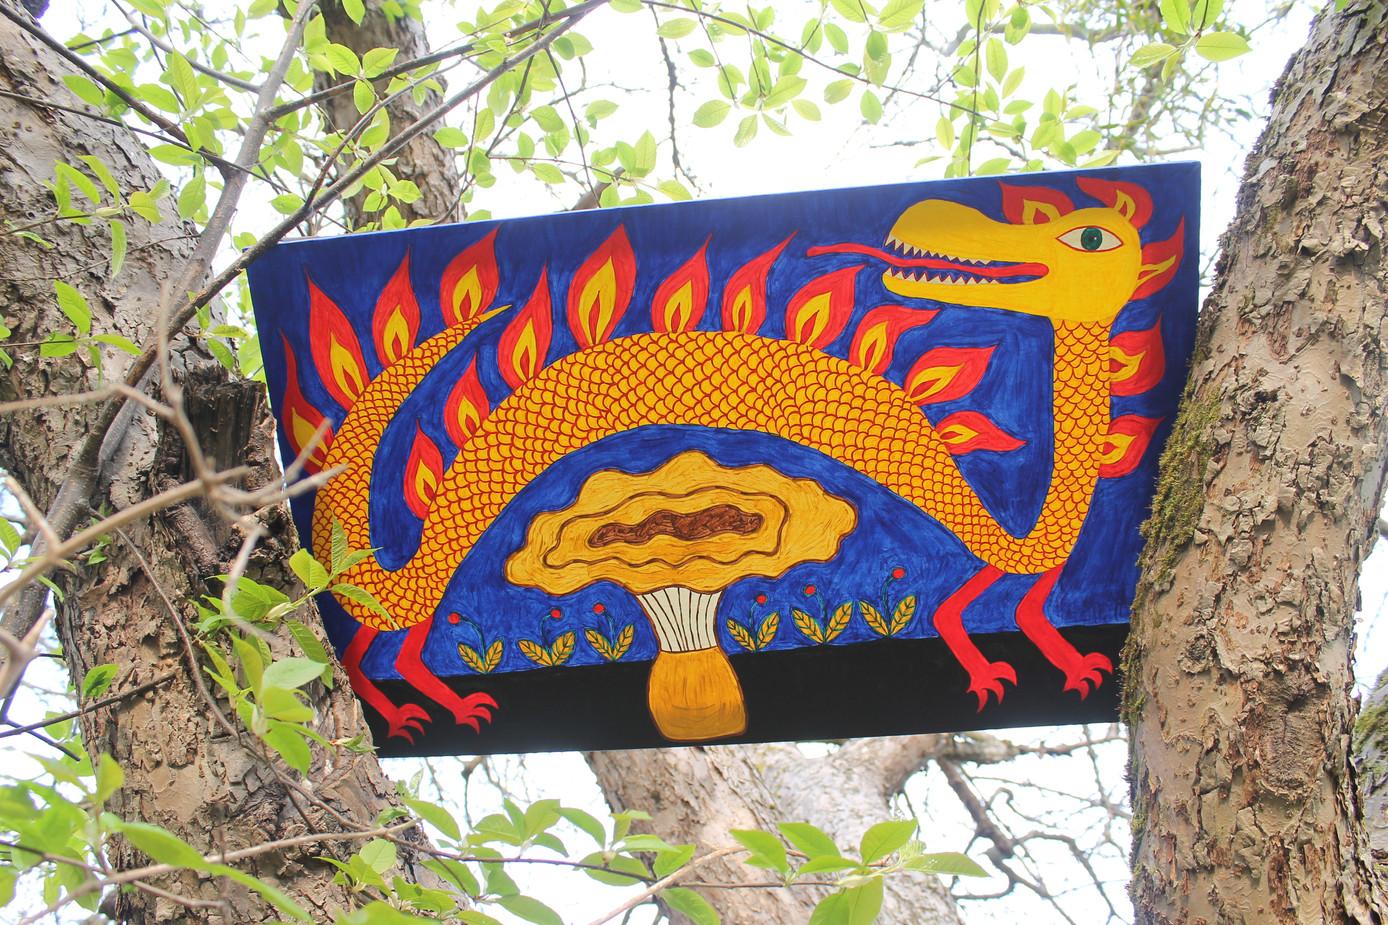 Вогняний дракон прилетів до лісового гриба